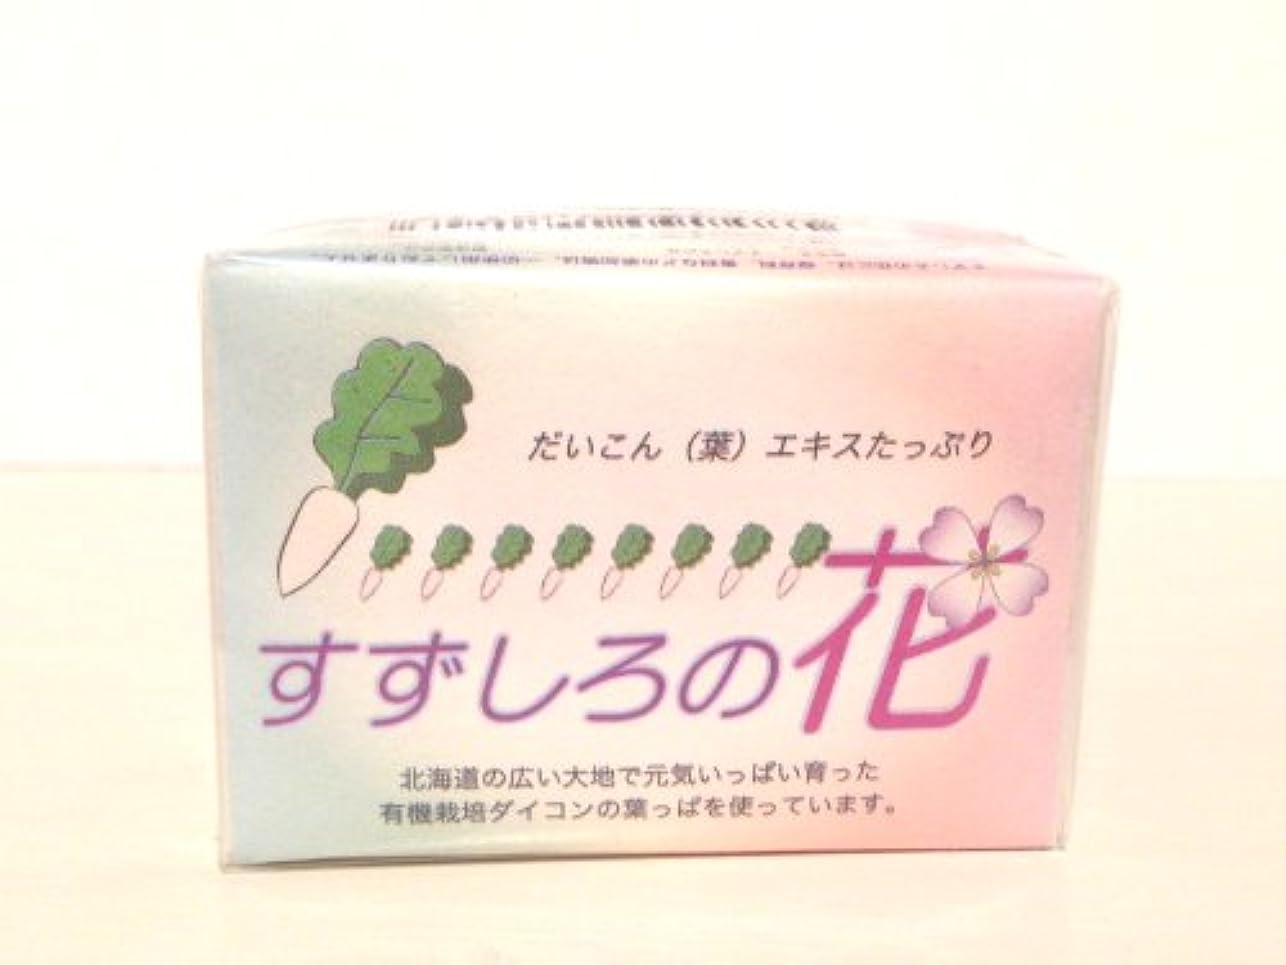 すずしろの花(すずしろ石けん)60g 北海道産大根葉エキスたっぷり手作り石けん